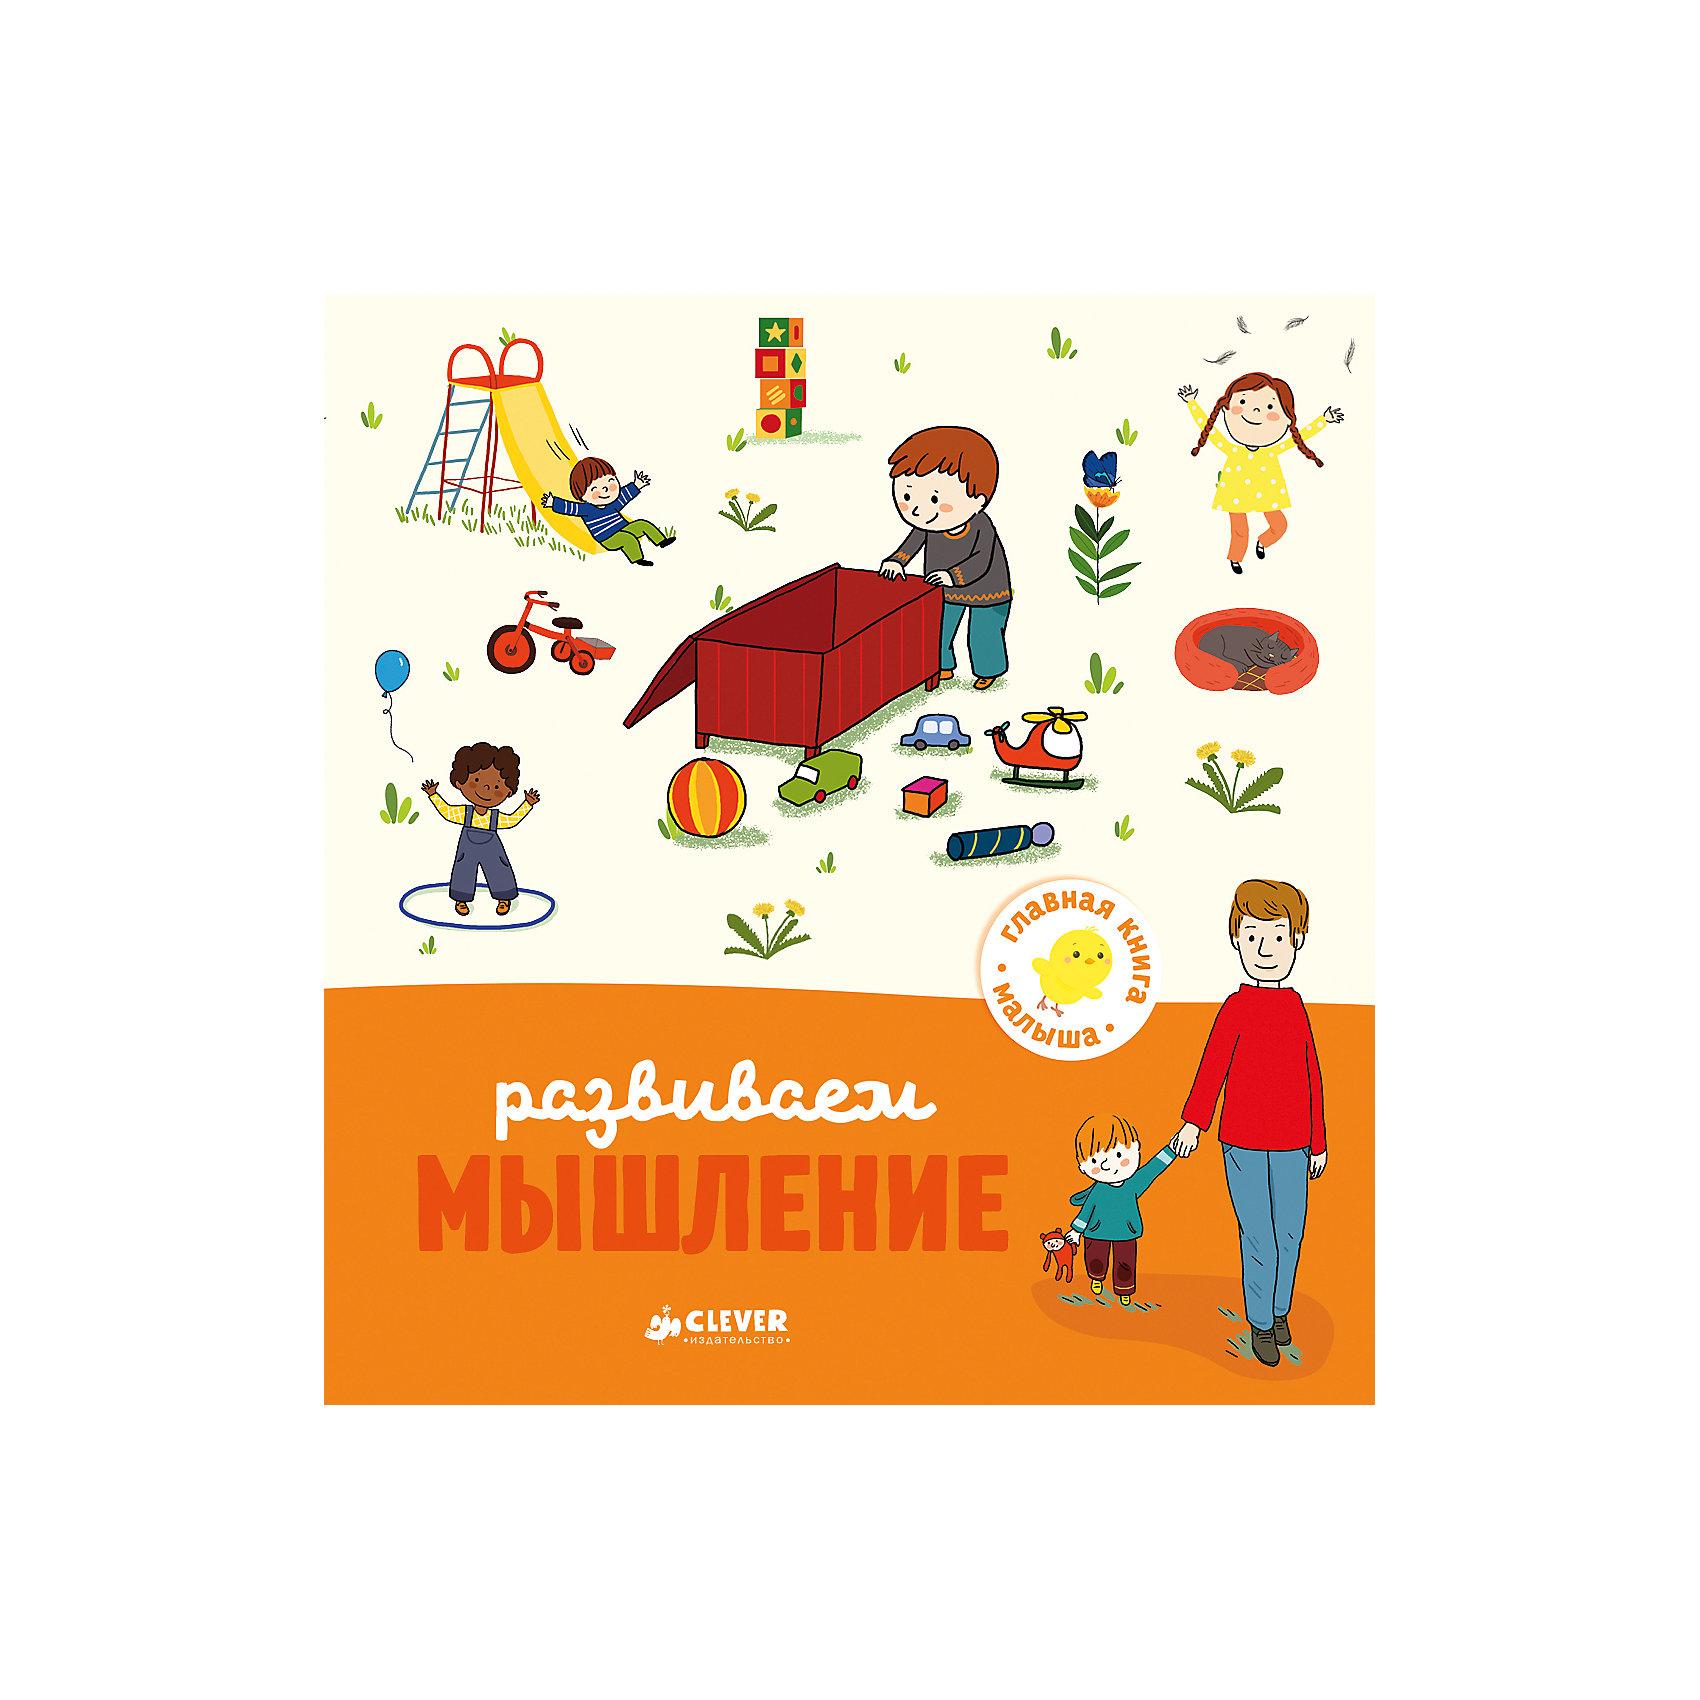 Развиваем мышление, А. Бессон, Главная книга малышаКниги для развития мышления<br>Характеристики товара:<br><br>• ISBN: 978-5-00115-003-9;<br>• возраст: от 1 года;<br>• формат: 70х90/16;<br>• бумага: мелованная;<br>• тип обложки: 7Бц - твердая, целлофанированная (или лакированная);<br>• иллюстрации: цветные;<br>• серия: Главная книга малыша;<br>• издательство: Клевер Медиа Групп, 2017 г.;<br>• автор: Бессон Агнес;<br>• редактор: Видревич Ирина;<br>• переводчик: Маслиева Елизавета;<br>• художник: Северин Гордье;<br>• количество страниц: 24;<br>• размеры: 18,6х17,5х0,8 см;<br>• масса: 208 г.<br><br>Книга с красочными крупными иллюстрациями и простым текстом подойдет для самых маленьких. <br><br>Интересные задания познакомят ребенка с окружающими его предметами и их свойствами. На каждом развороте расположены изображения, на которых малыши должны определить высоту, размер, ширину и другие различия. Веселые задачки «Найди и покажи» развивают внимание, логику и мышление.<br><br>Книгу «Развиваем мышление», А. Бессон, Клевер Медиа Групп, можно купить в нашем интернет-магазине.<br><br>Ширина мм: 180<br>Глубина мм: 170<br>Высота мм: 8<br>Вес г: 200<br>Возраст от месяцев: 12<br>Возраст до месяцев: 36<br>Пол: Унисекс<br>Возраст: Детский<br>SKU: 7039974